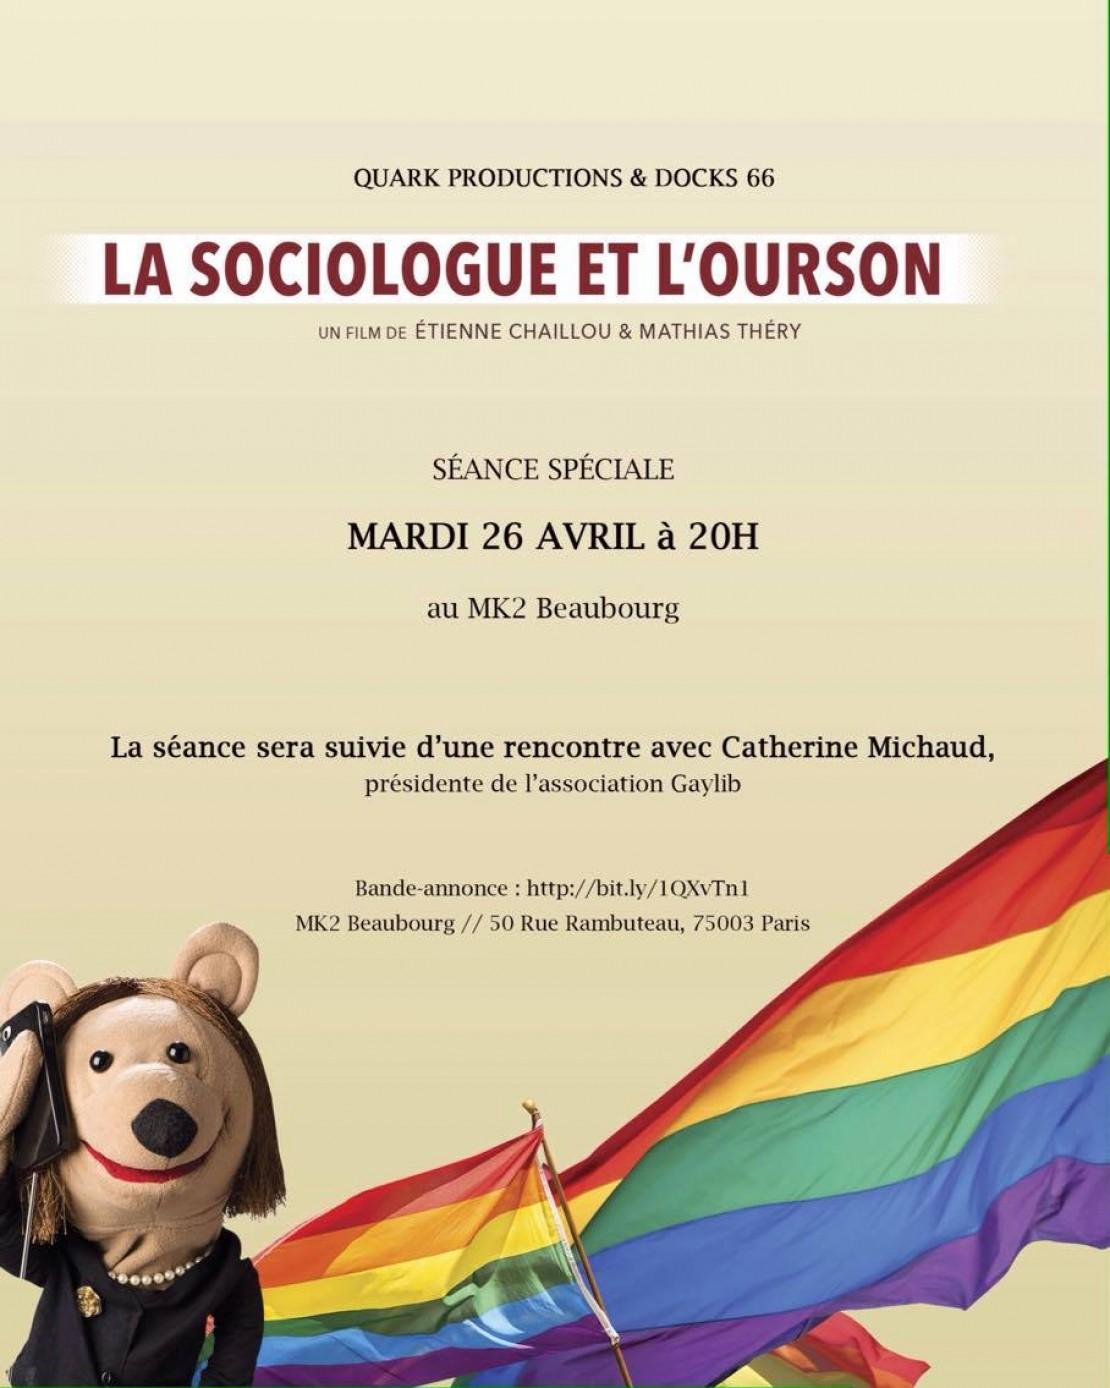 La sociologue et l'ourson – projection débat avec GayLib